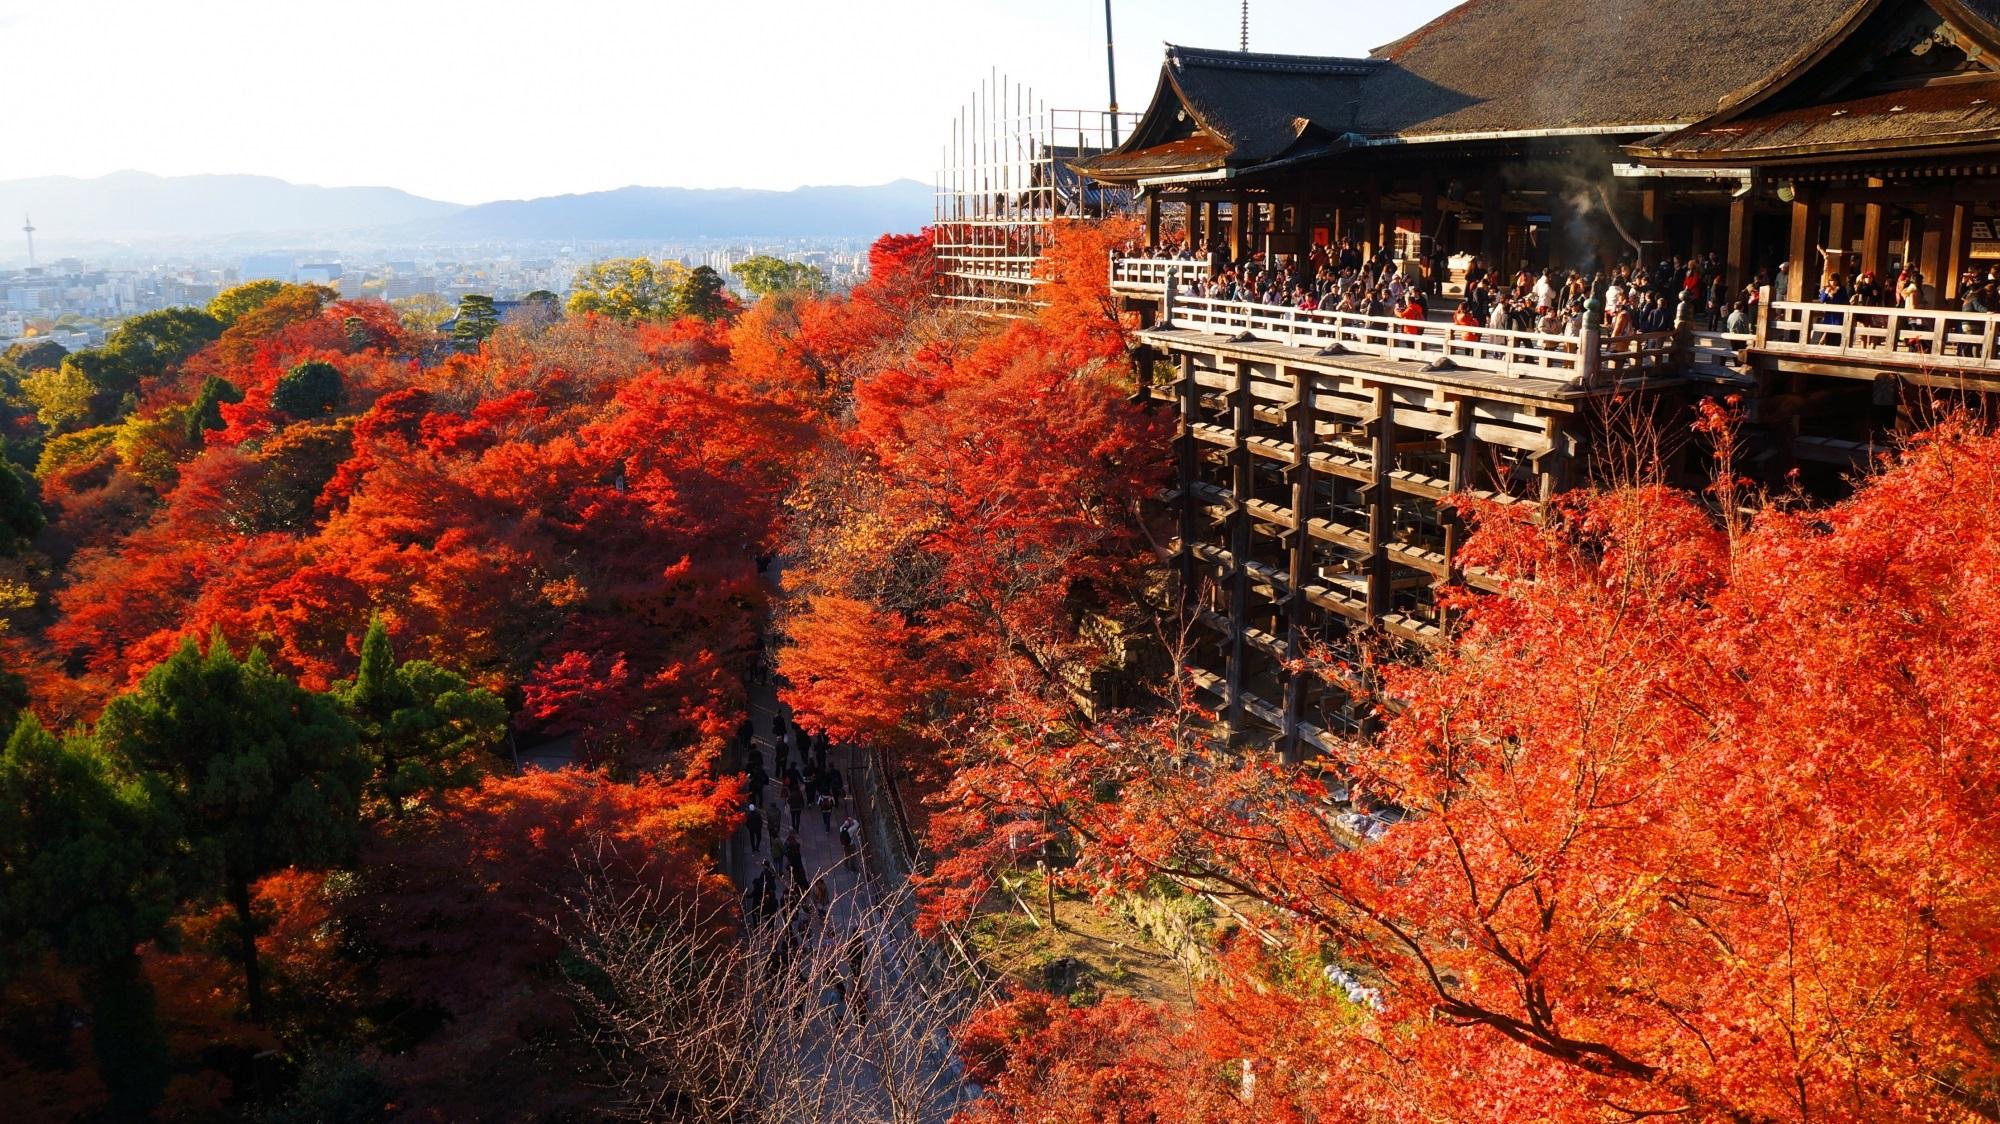 清水の舞台と燃える赤い紅葉